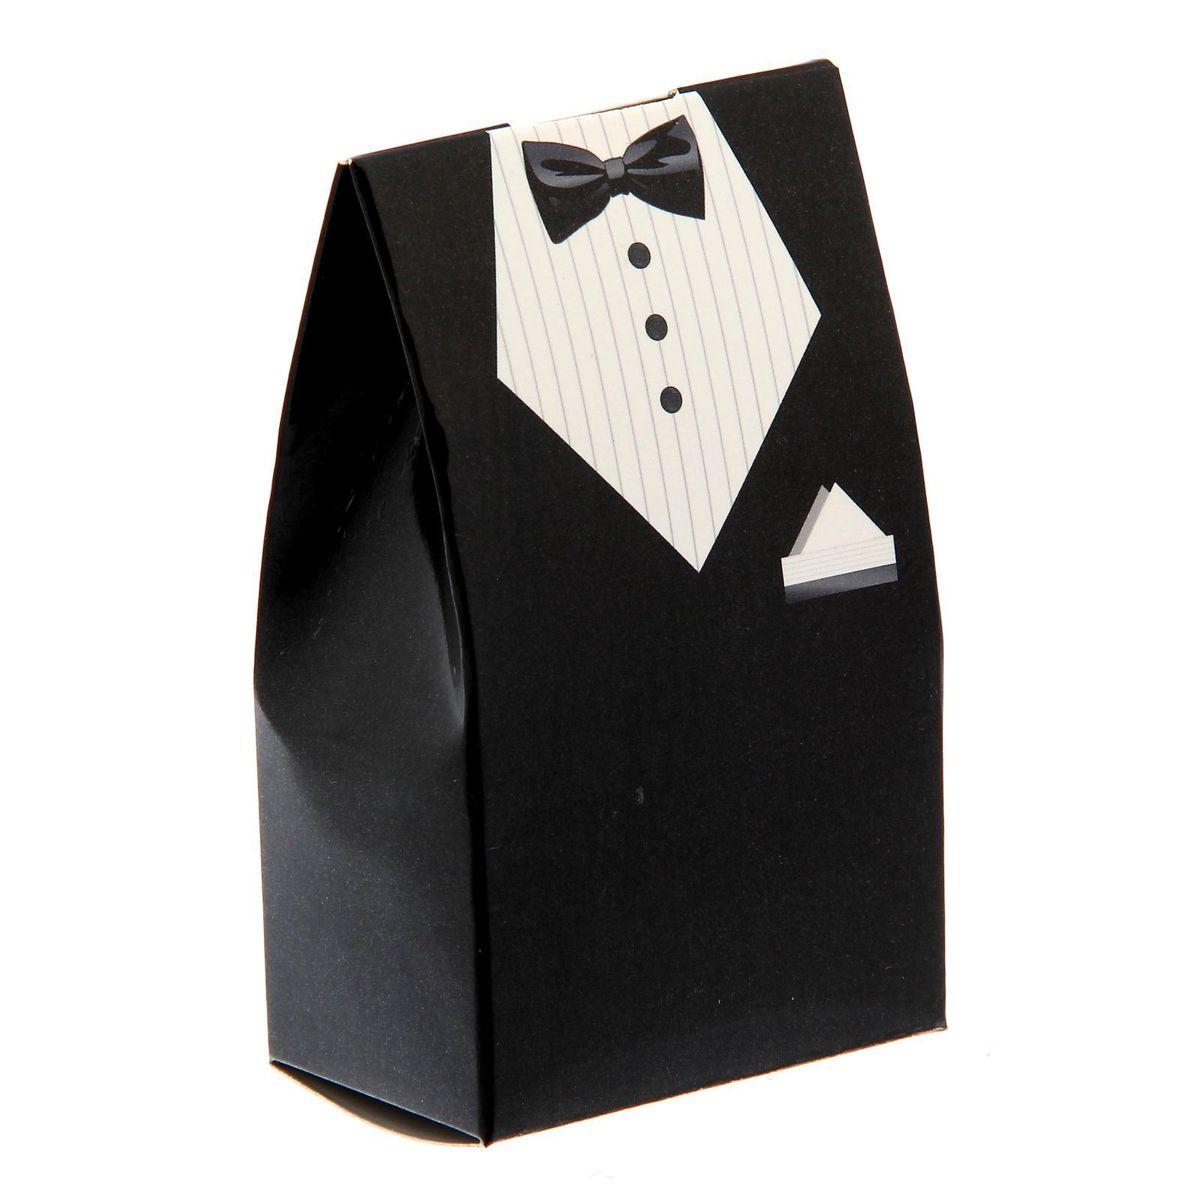 Бонбоньерка свадебная Sima-land Костюм жениха, цвет: мульти, 5,8 x 0,1 x 10 смRSP-202SНовая разработка - бонбоньерки из картона! Такие аксессуары пользуются большой популярностью при оформлении свадебных столов: в них кладут угощение и комплименты для гостей. Бонбоньерки легко складываются. При разработке дизайна учтены самые последние модные тенденции, чтобы вы подобрали бонбоньерки под любое стилевое оформление.